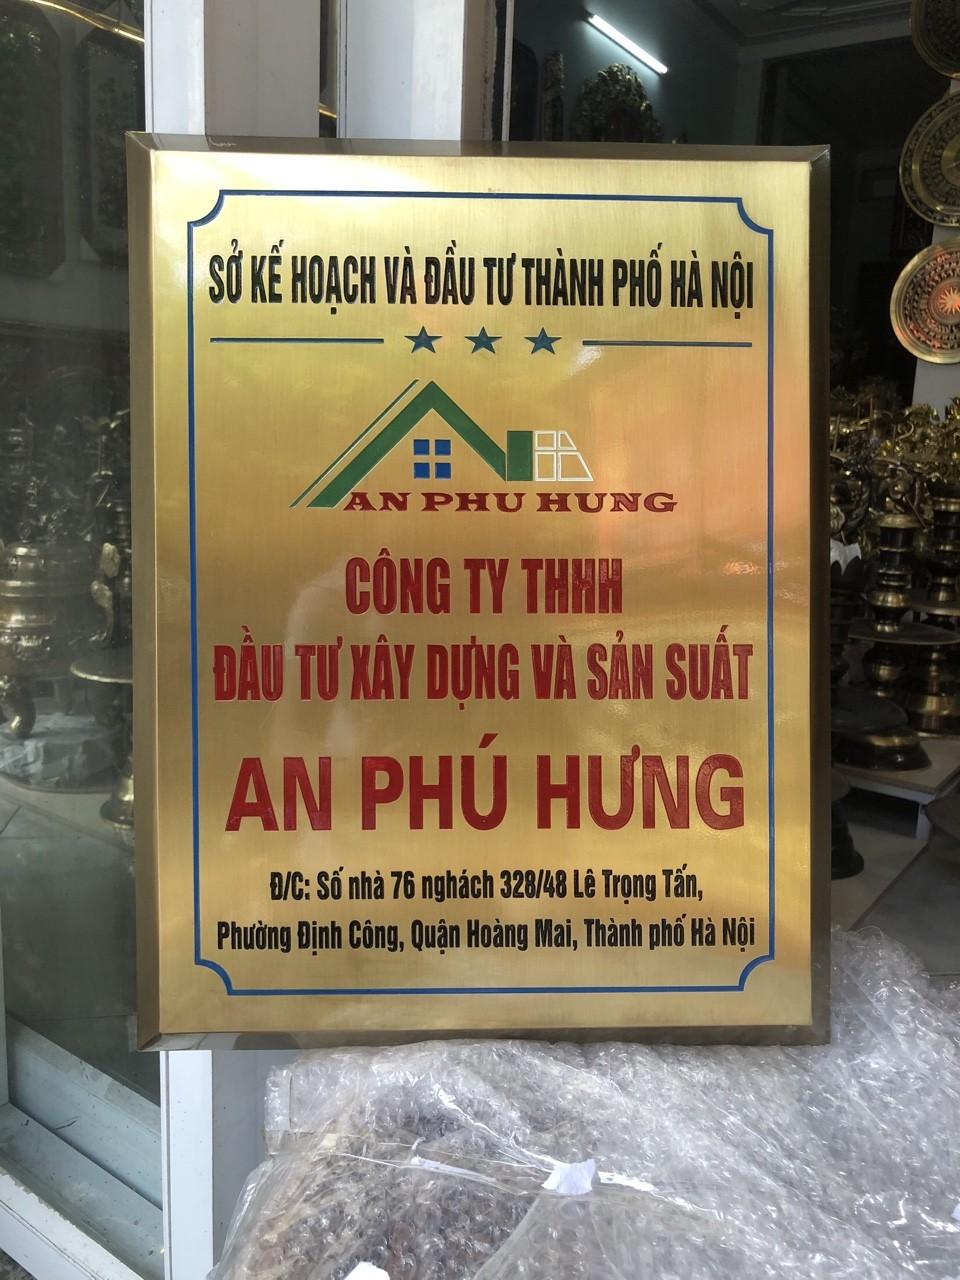 Đồ đồng Việt nhận chế tác bảng biển, biển tên theo yêu cầu